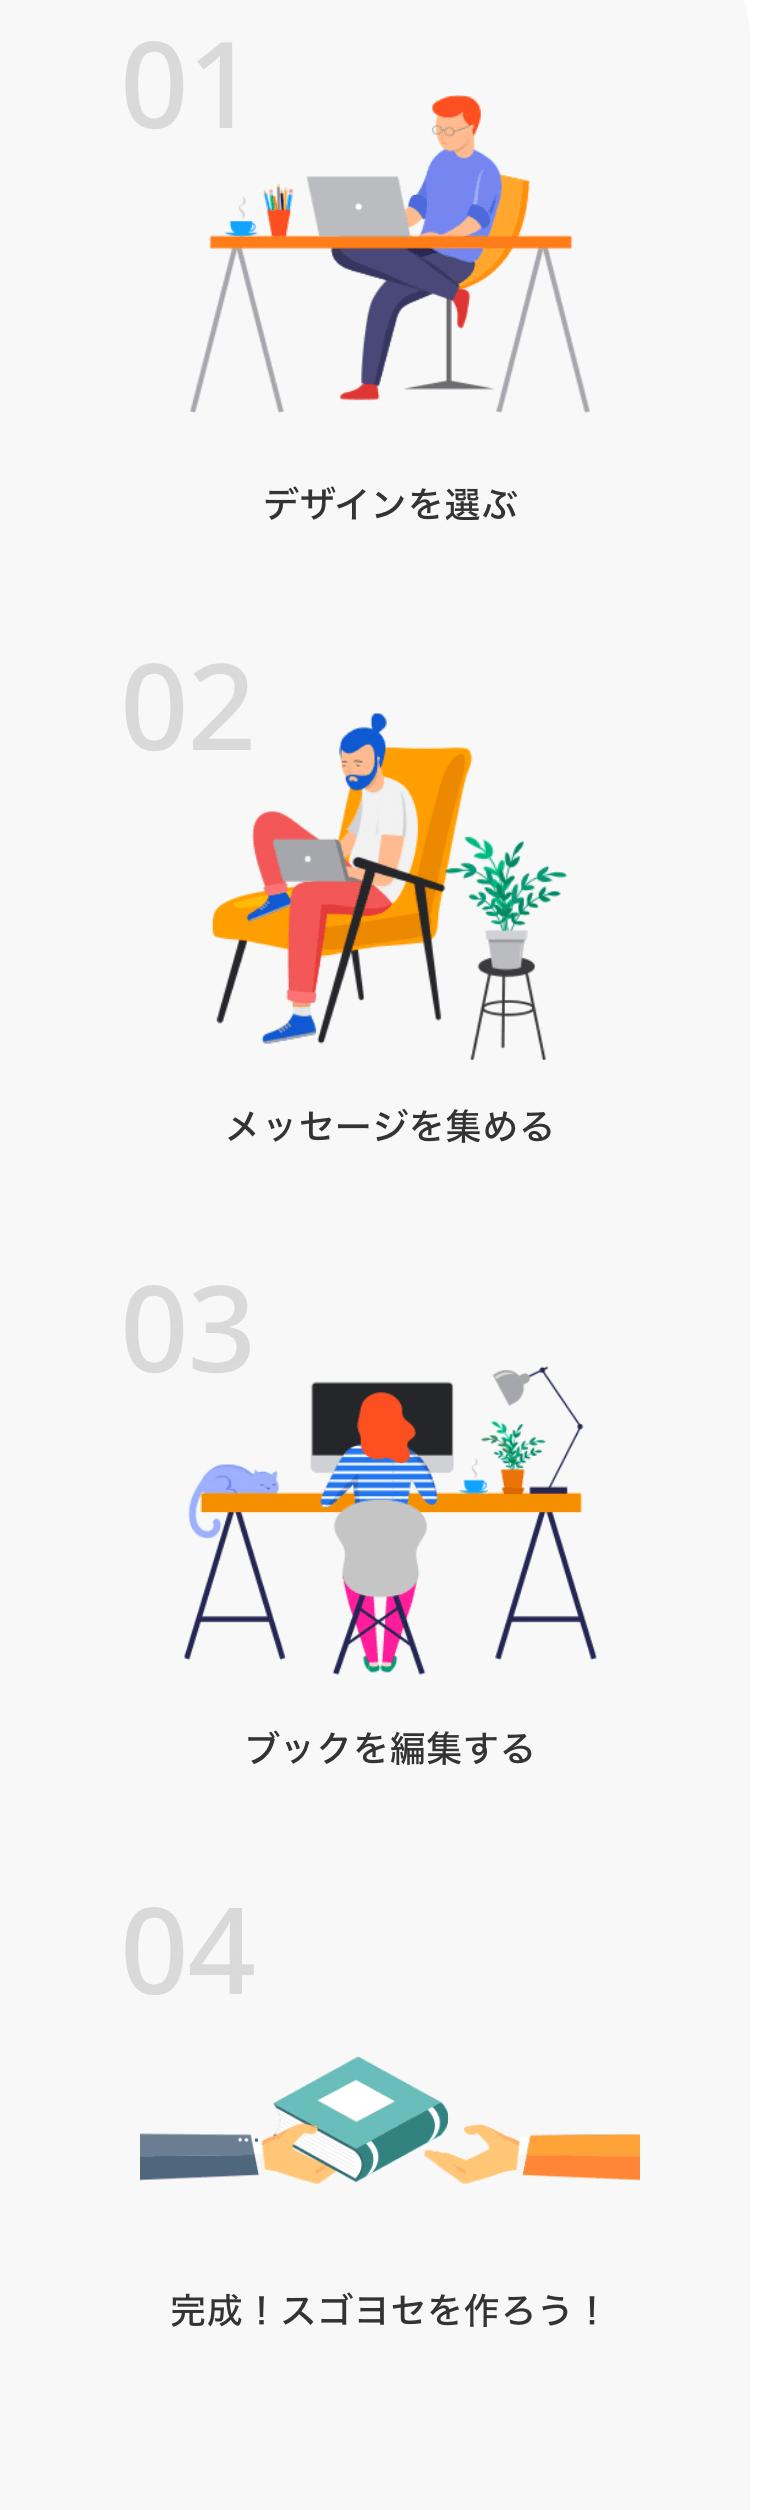 簡単な3ステップで寄せ書きが完成。デザインを選ぶ、寄せ書きを集める、編集する、贈る。